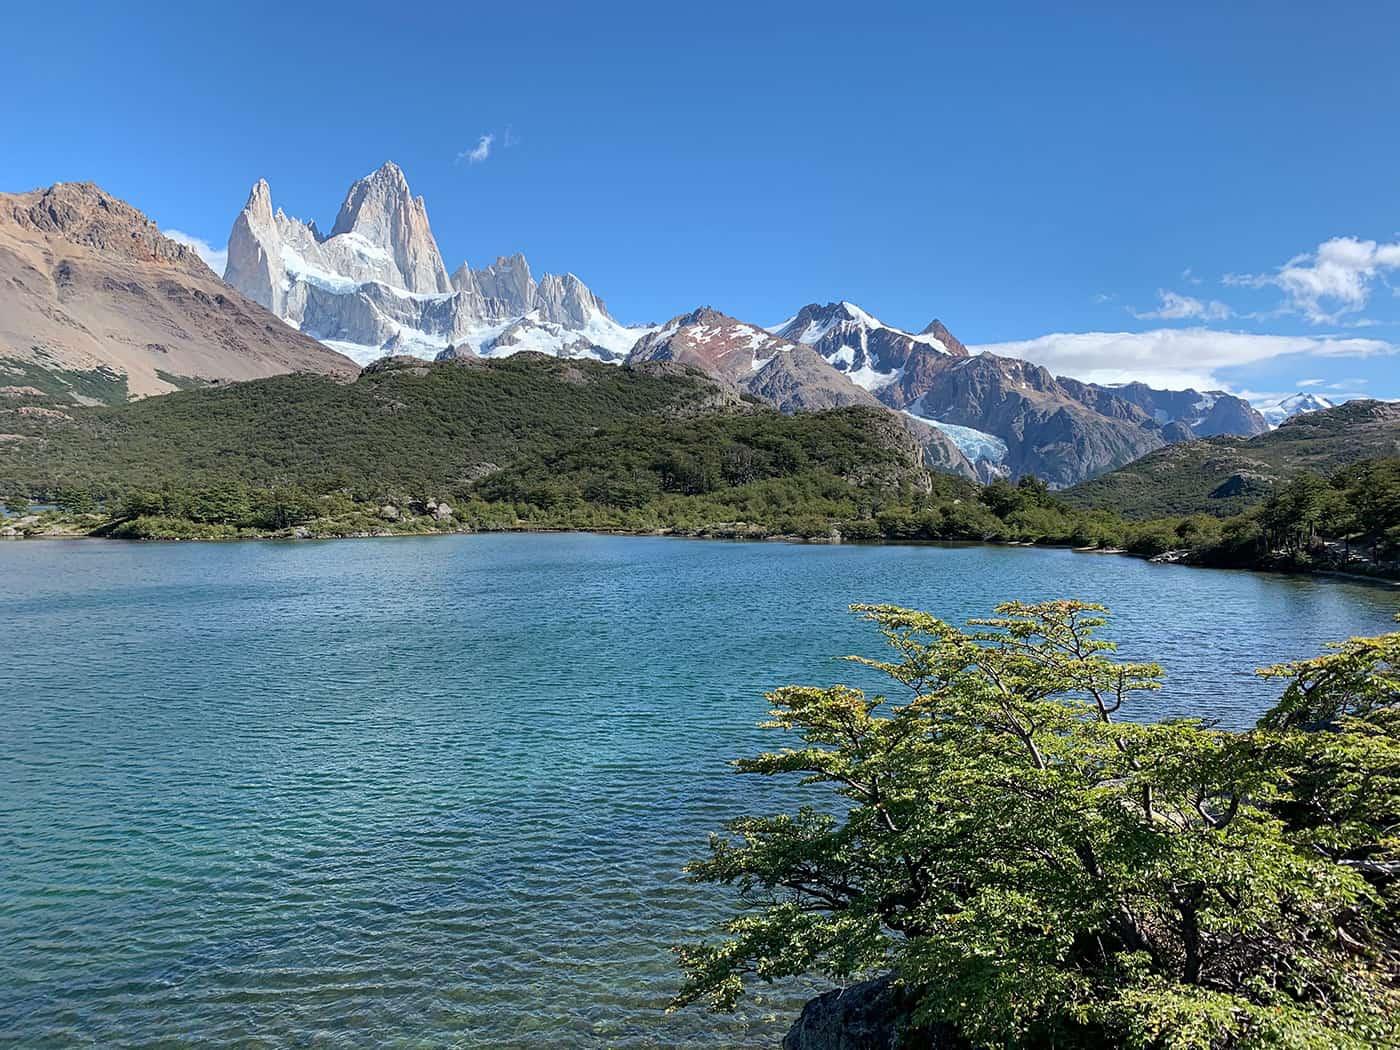 laguna-capri,-el-chalten,-trekking,-senderos,-santa-cruz,-argentina,-fitz-roy